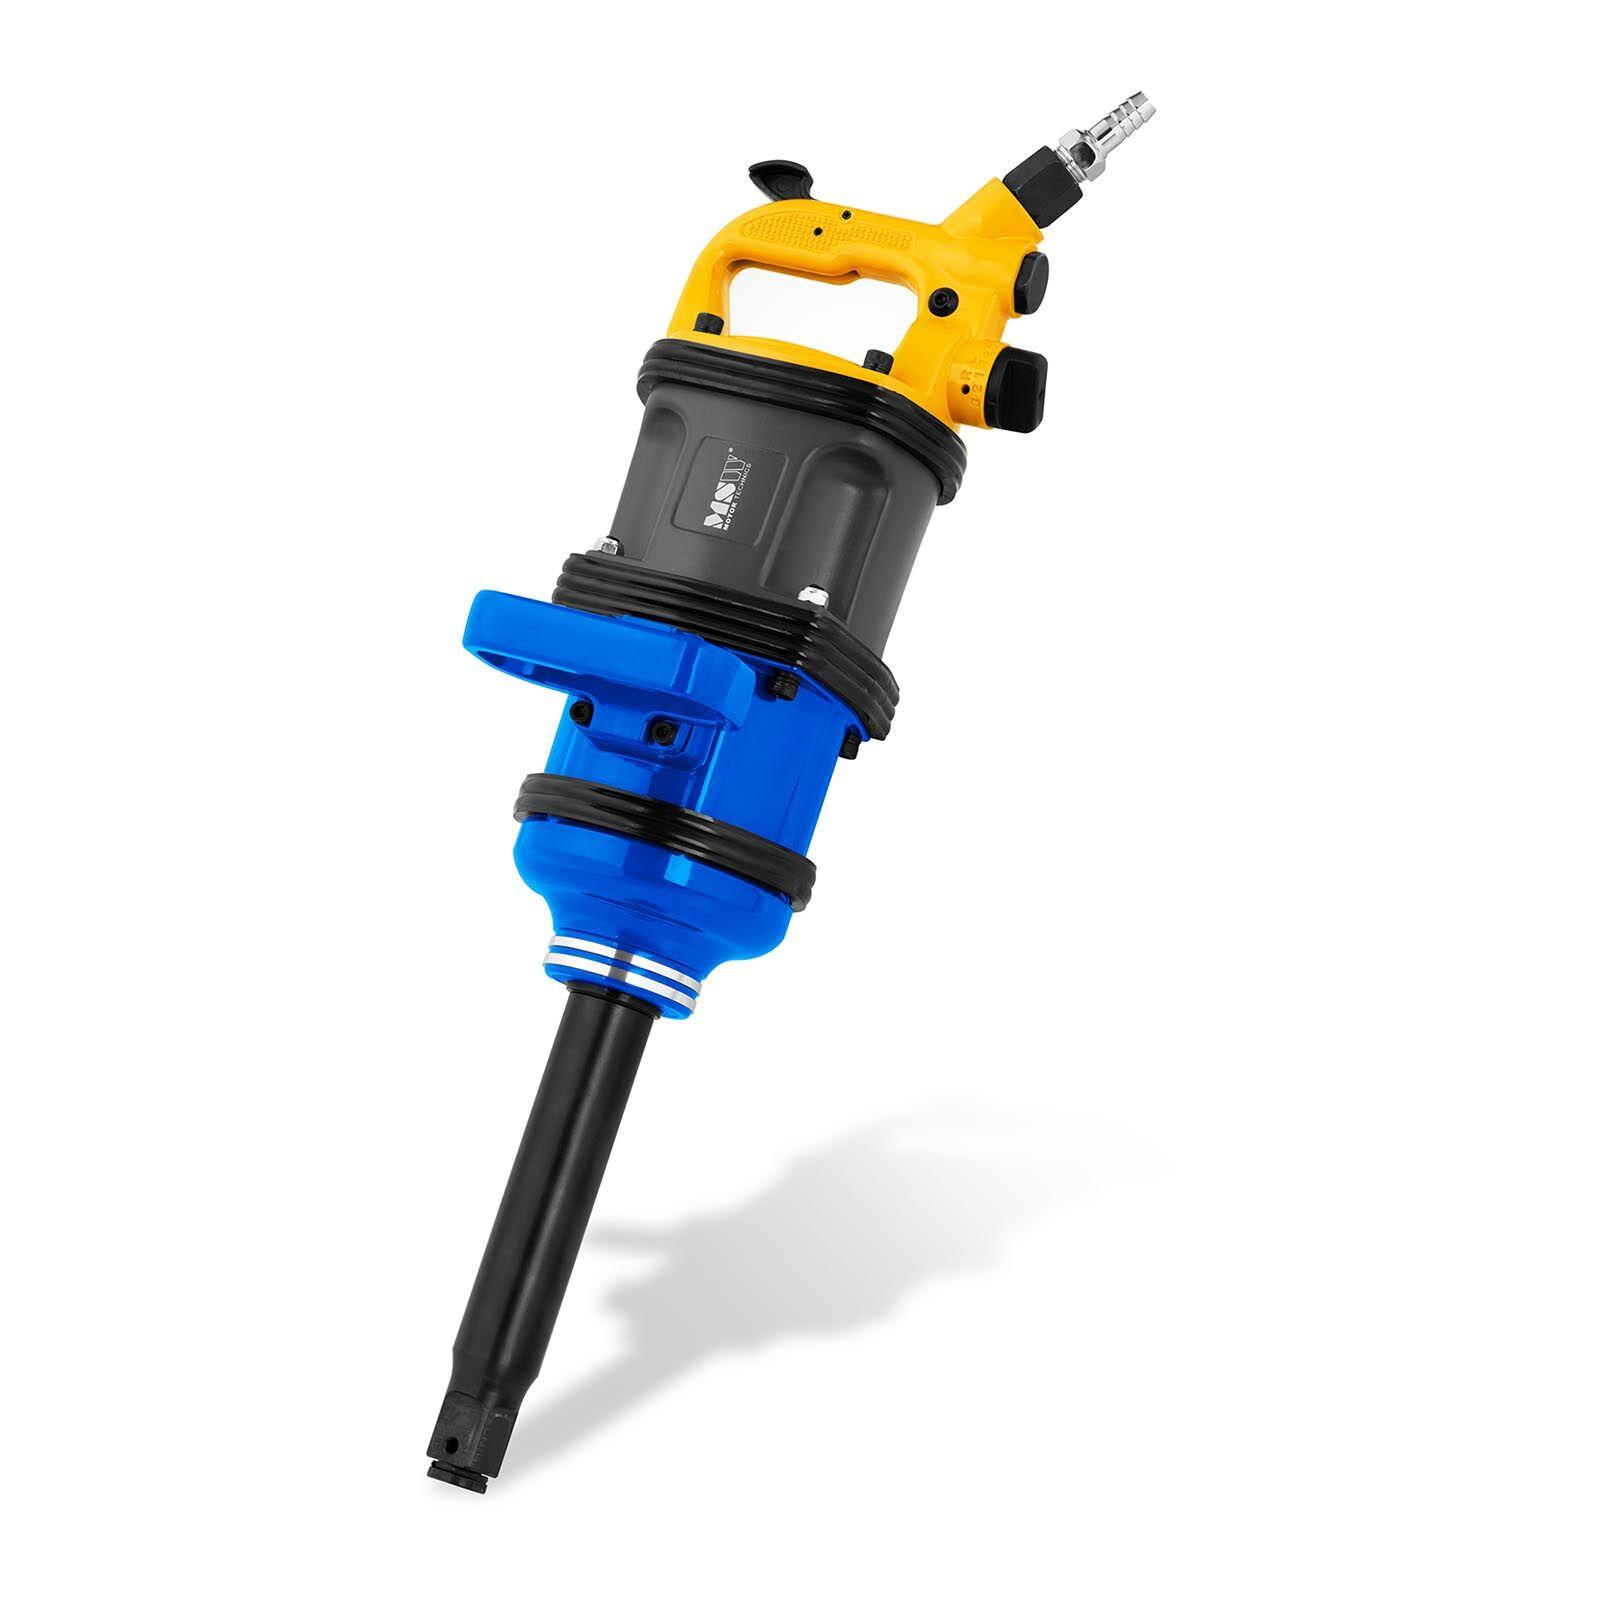 MSW Llave neumática para ruedas de camión - 3.800 Nm 10060742